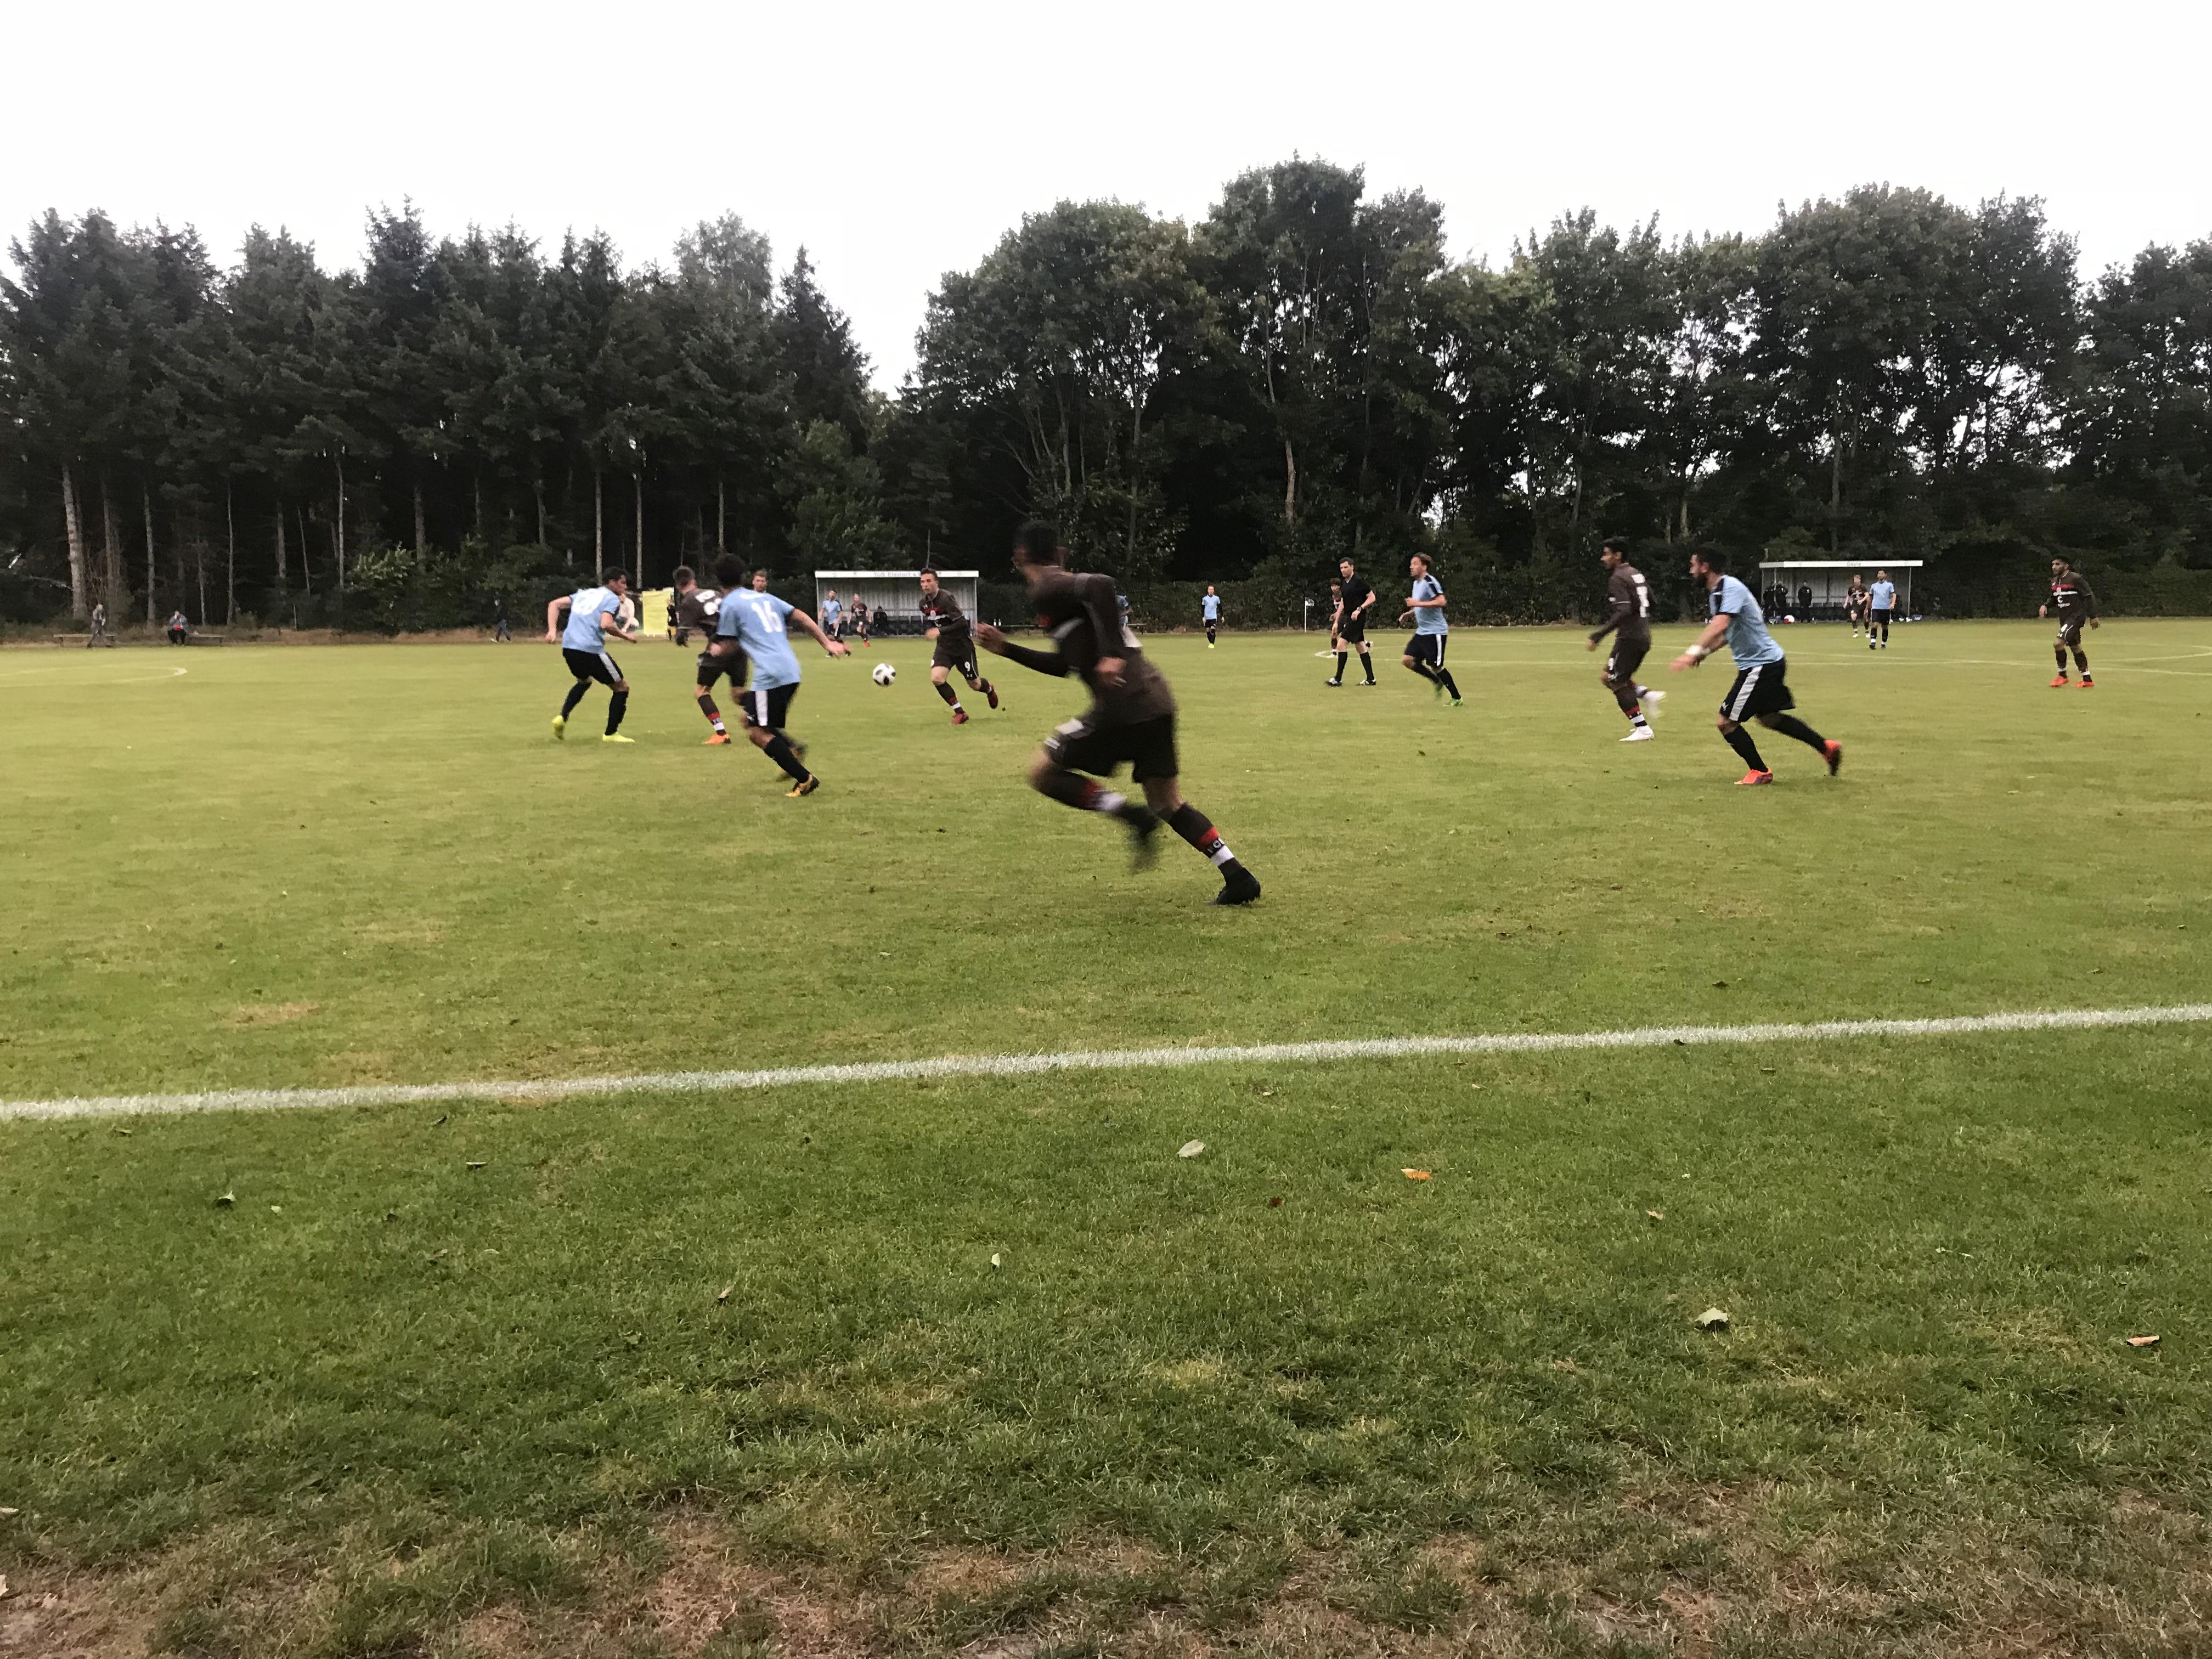 4:1 gegen Uphusen: U23 erreicht Finale der Elsdorfer Pokalwochen